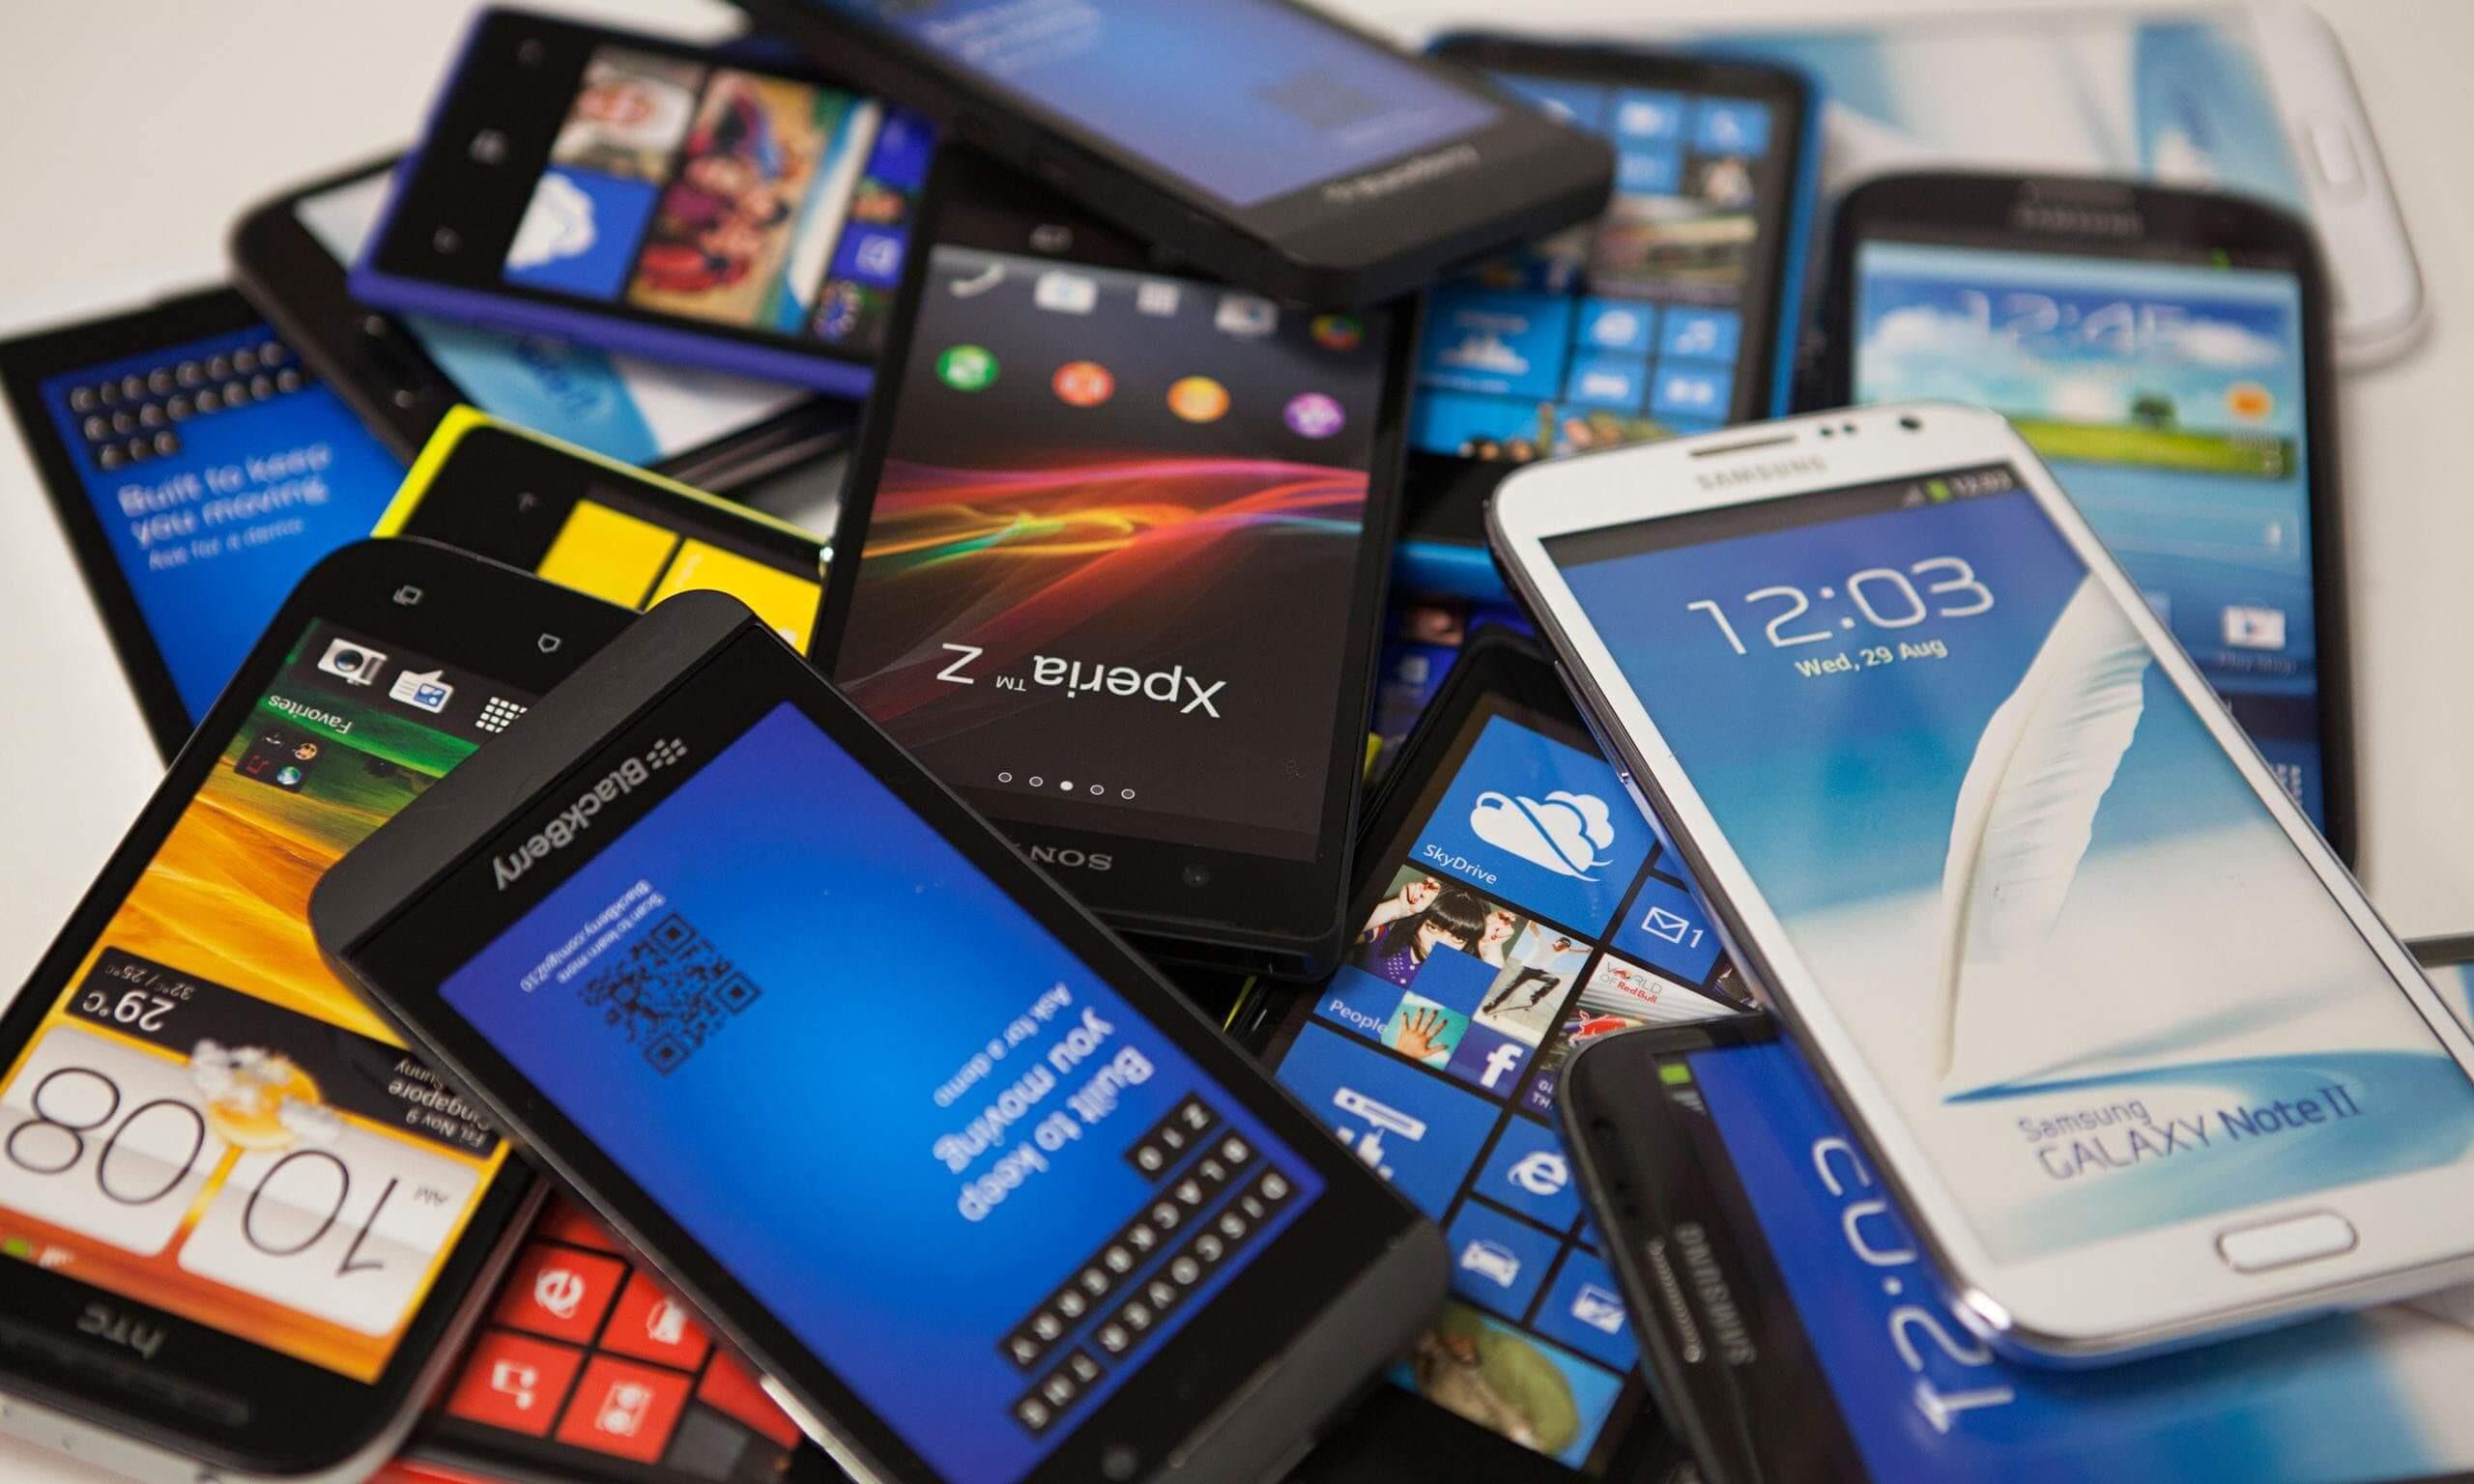 Андроид vsiOS: названы самые проблемные мобильные телефоны